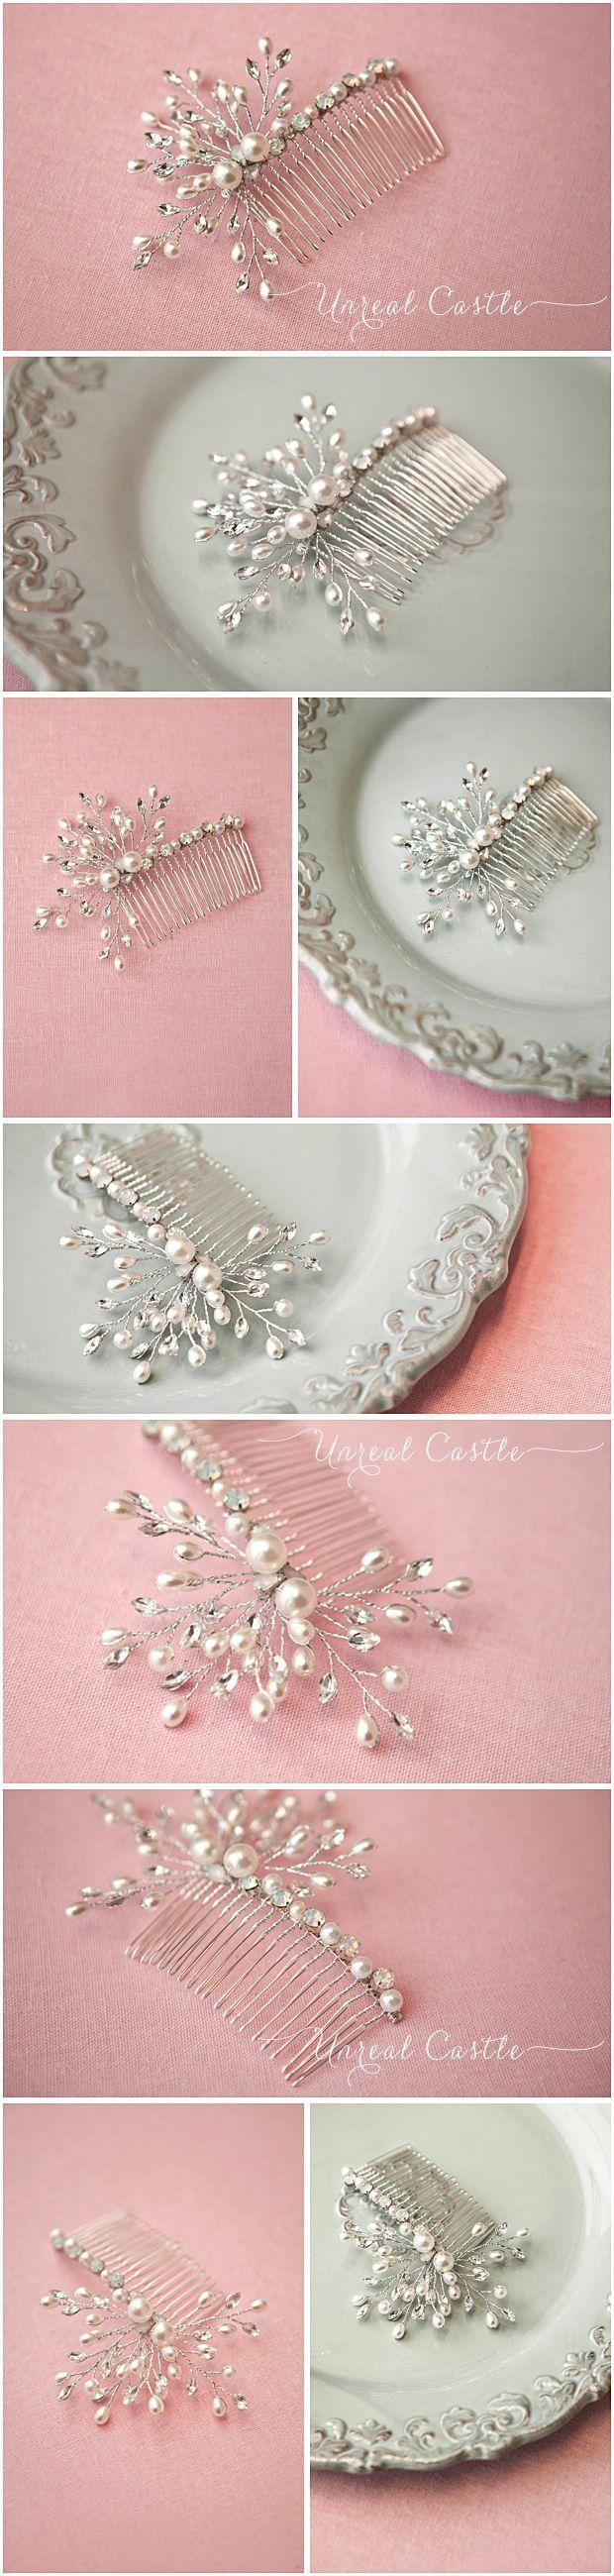 UnrealCastle полностью медные эмбрион гребень ручной работы на заказ жемчуг кристалл гребень Continental Боб - Taobao